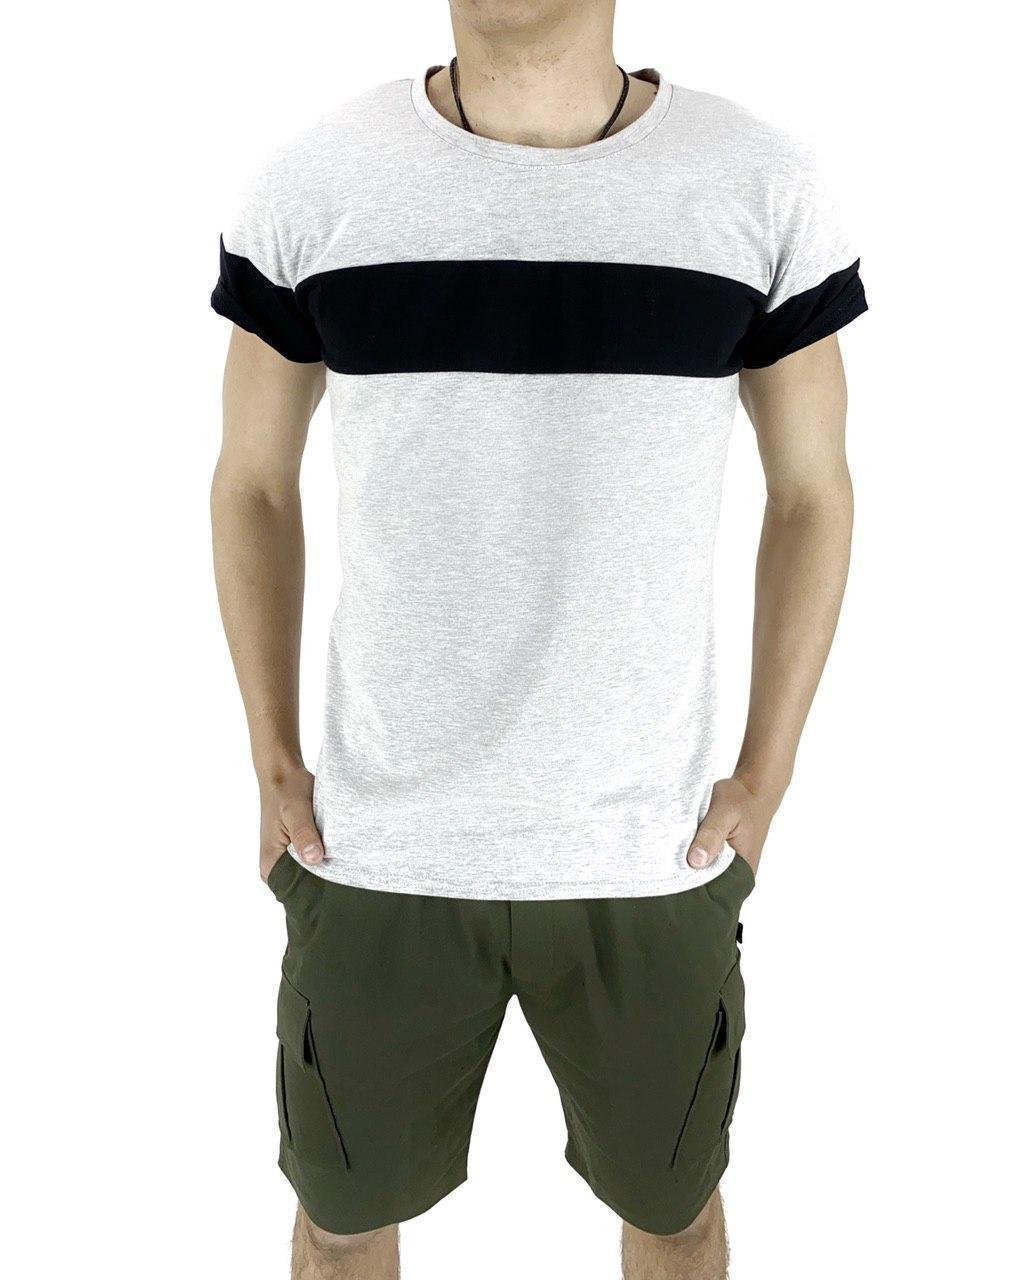 Комплект Футболка Color Stripe серая - черная и Шорты Miami хаки SKL59-259622